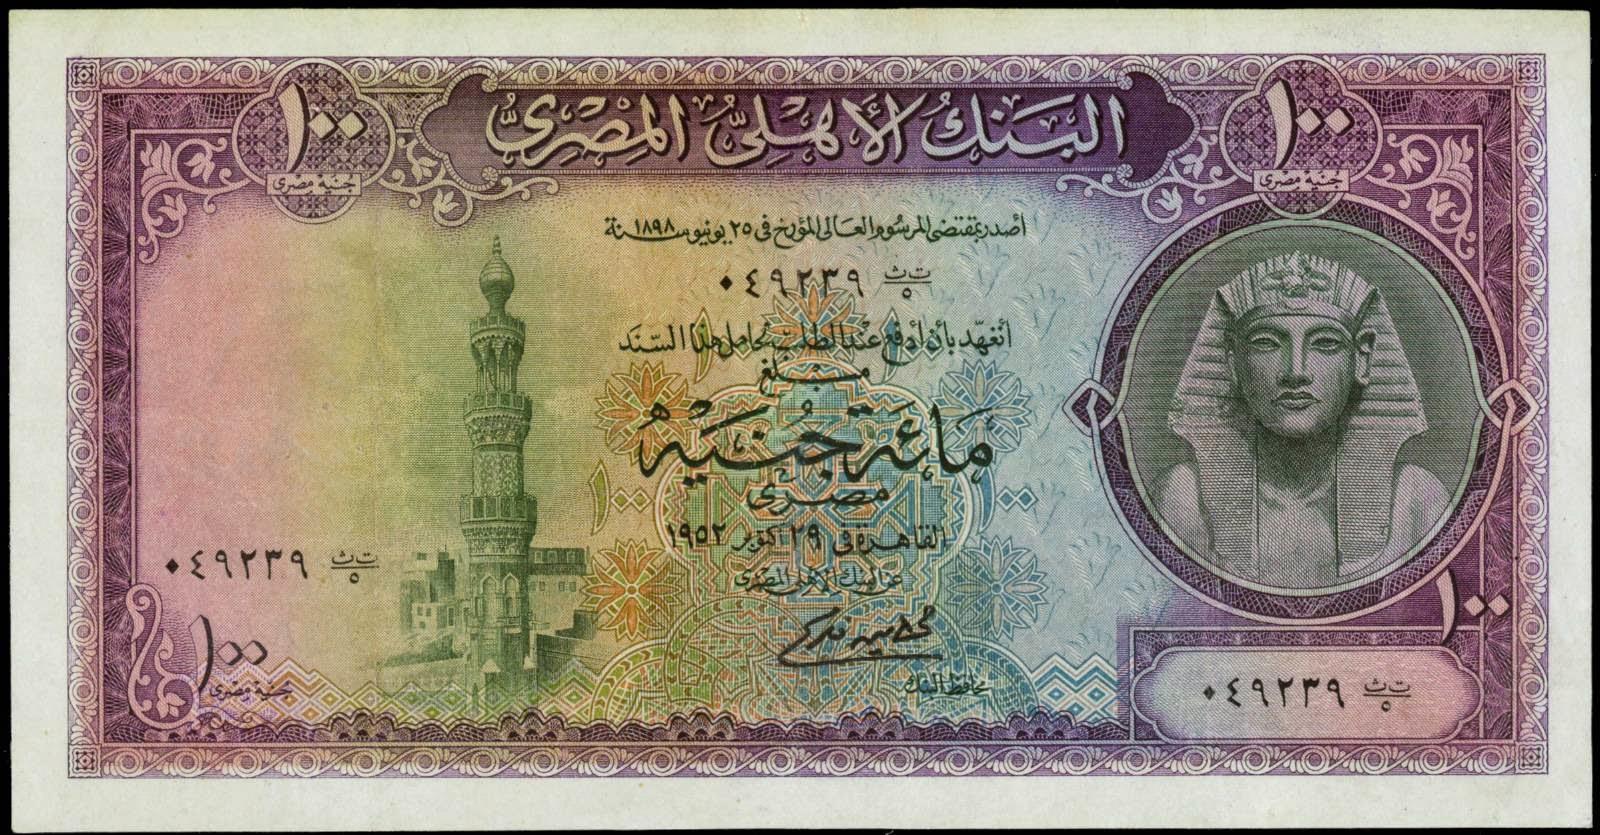 100 Egyptian Pounds banknote 1952 Tutankhamun